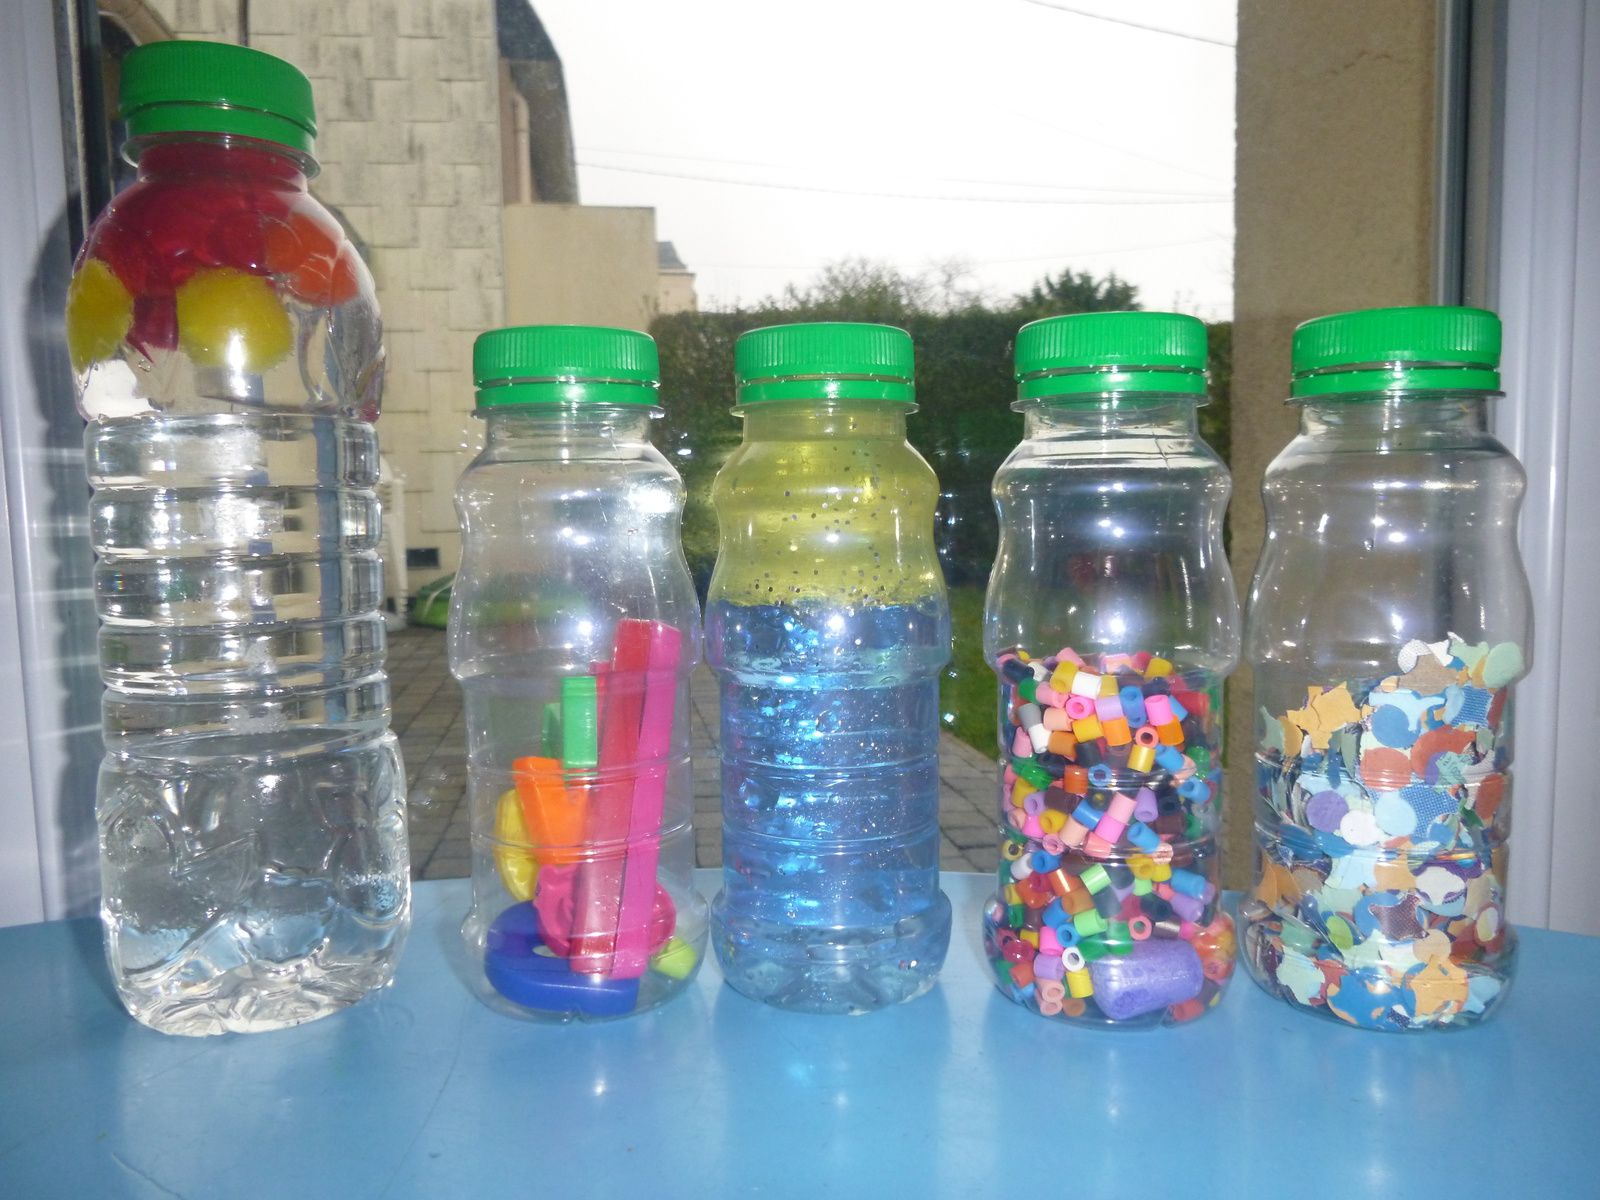 Les bouteilles sensorielles d'inspiration Montessori